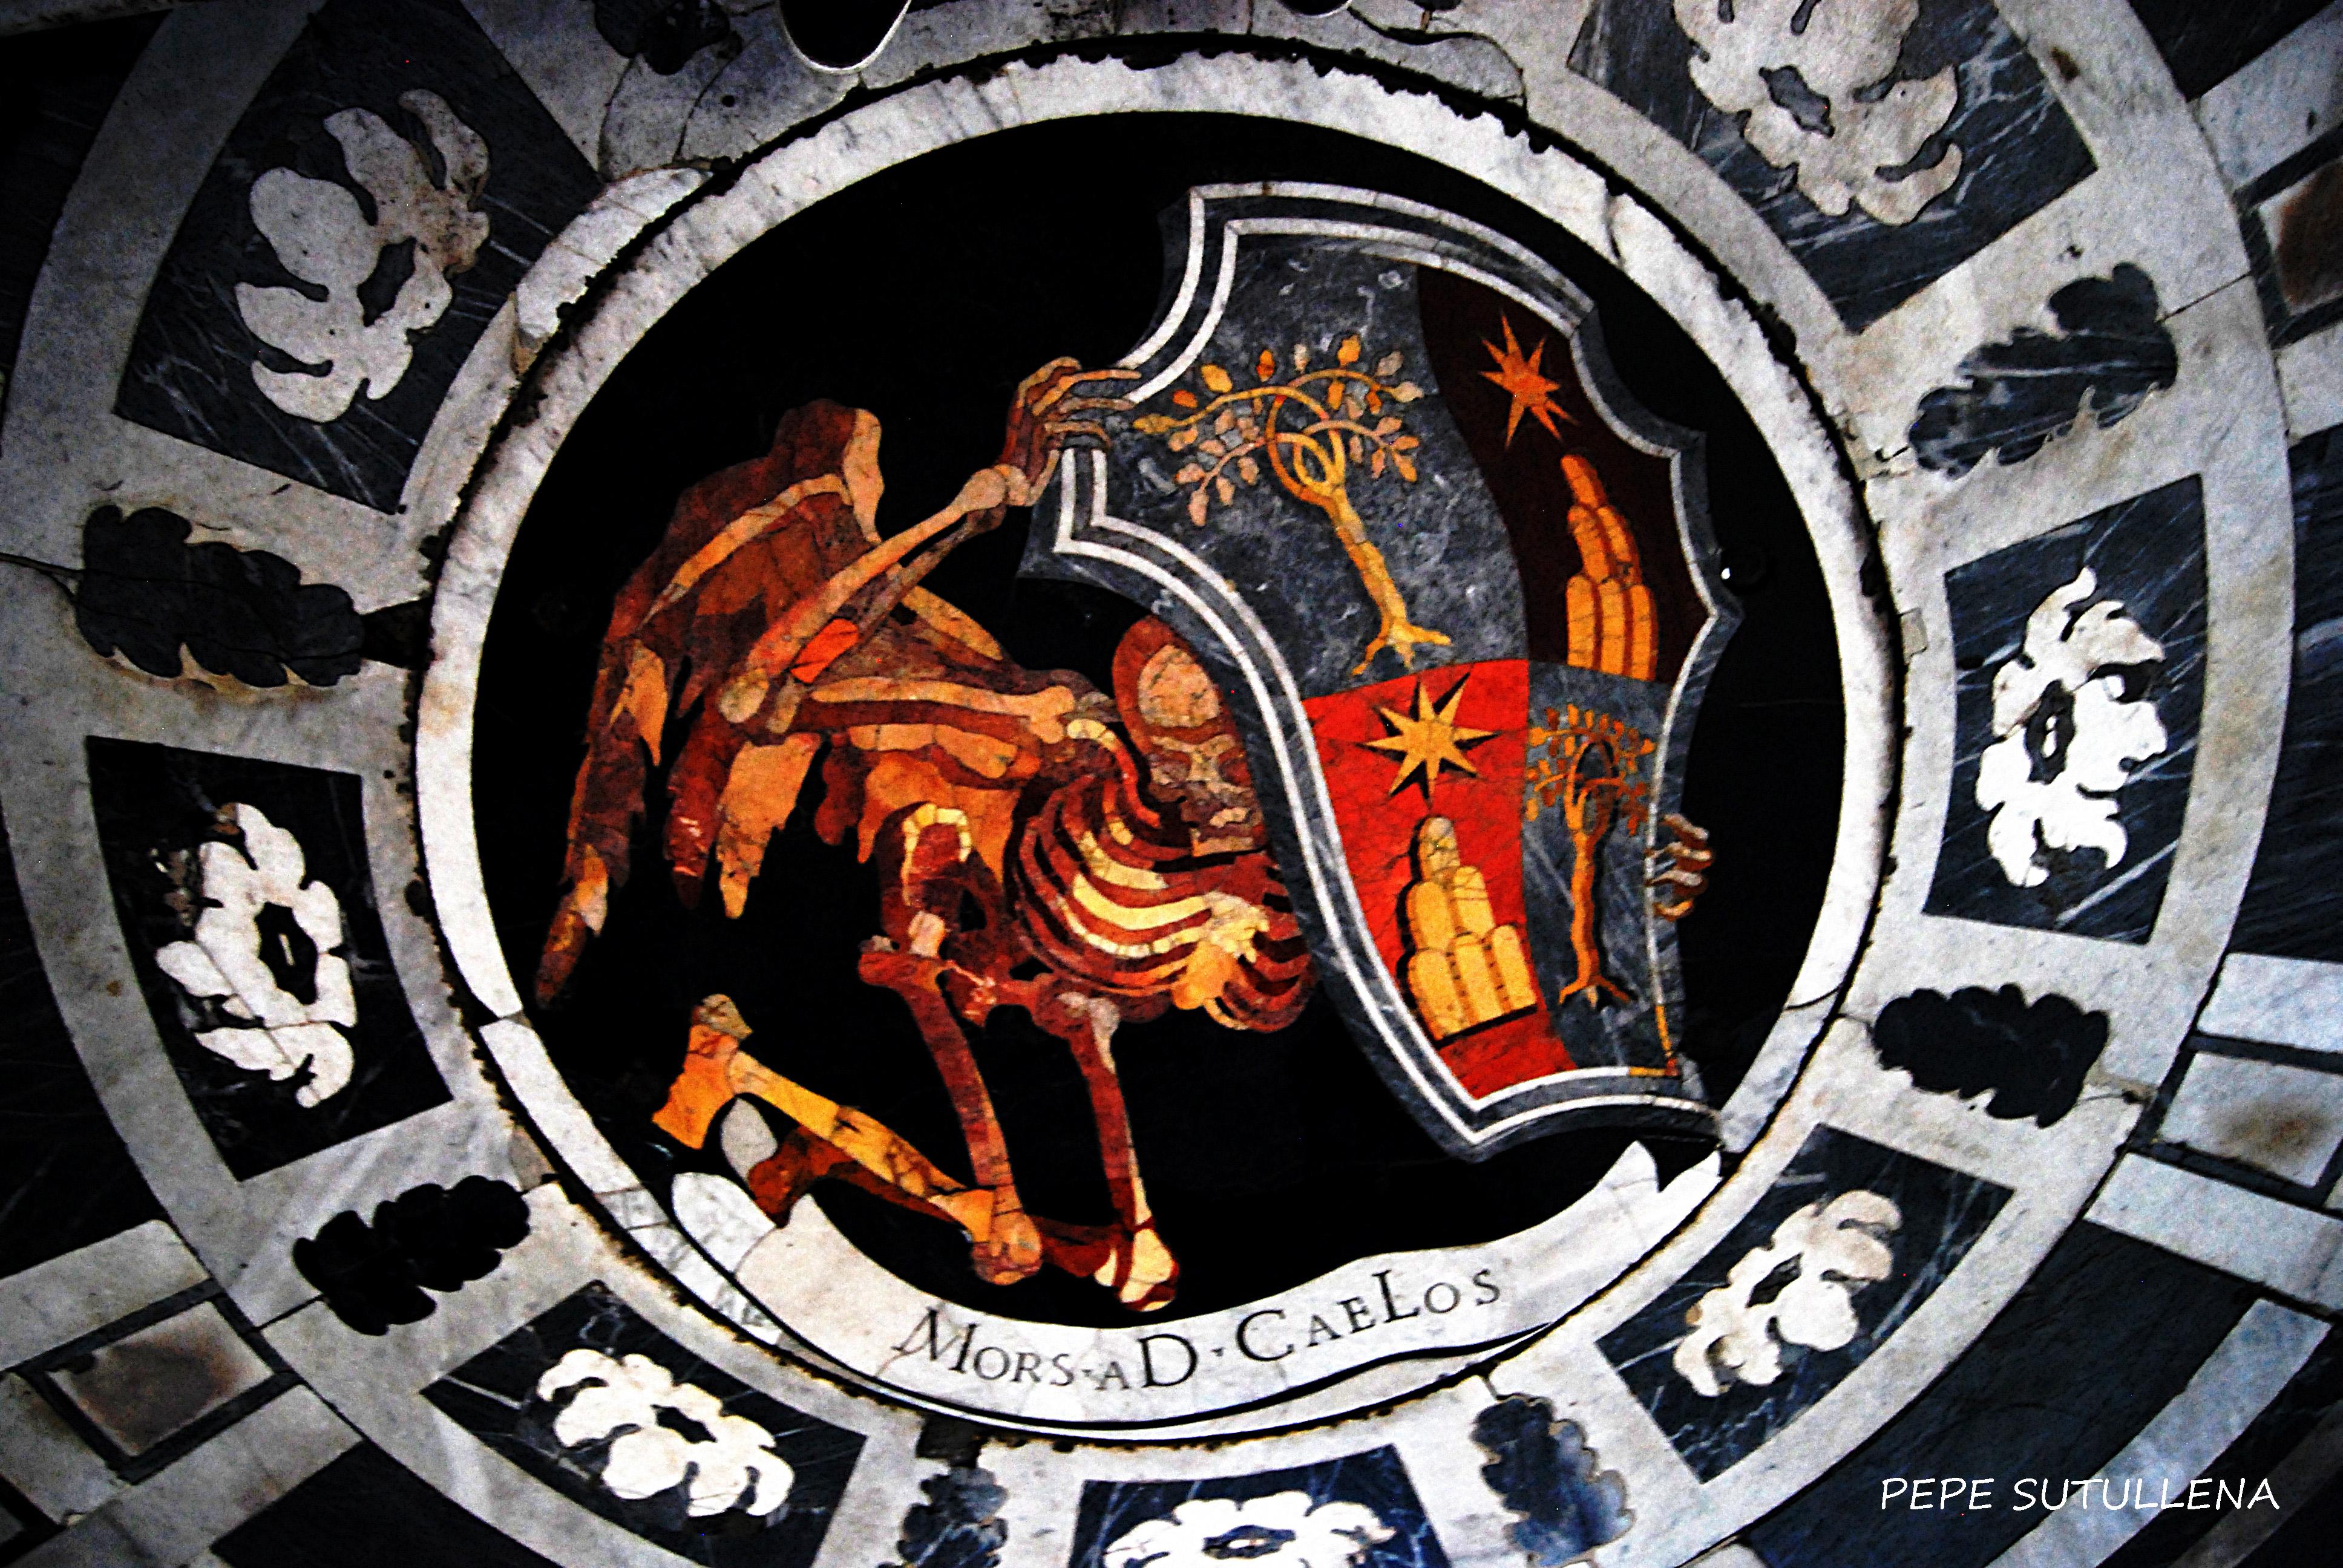 Morte ad Caelos, de Bernini